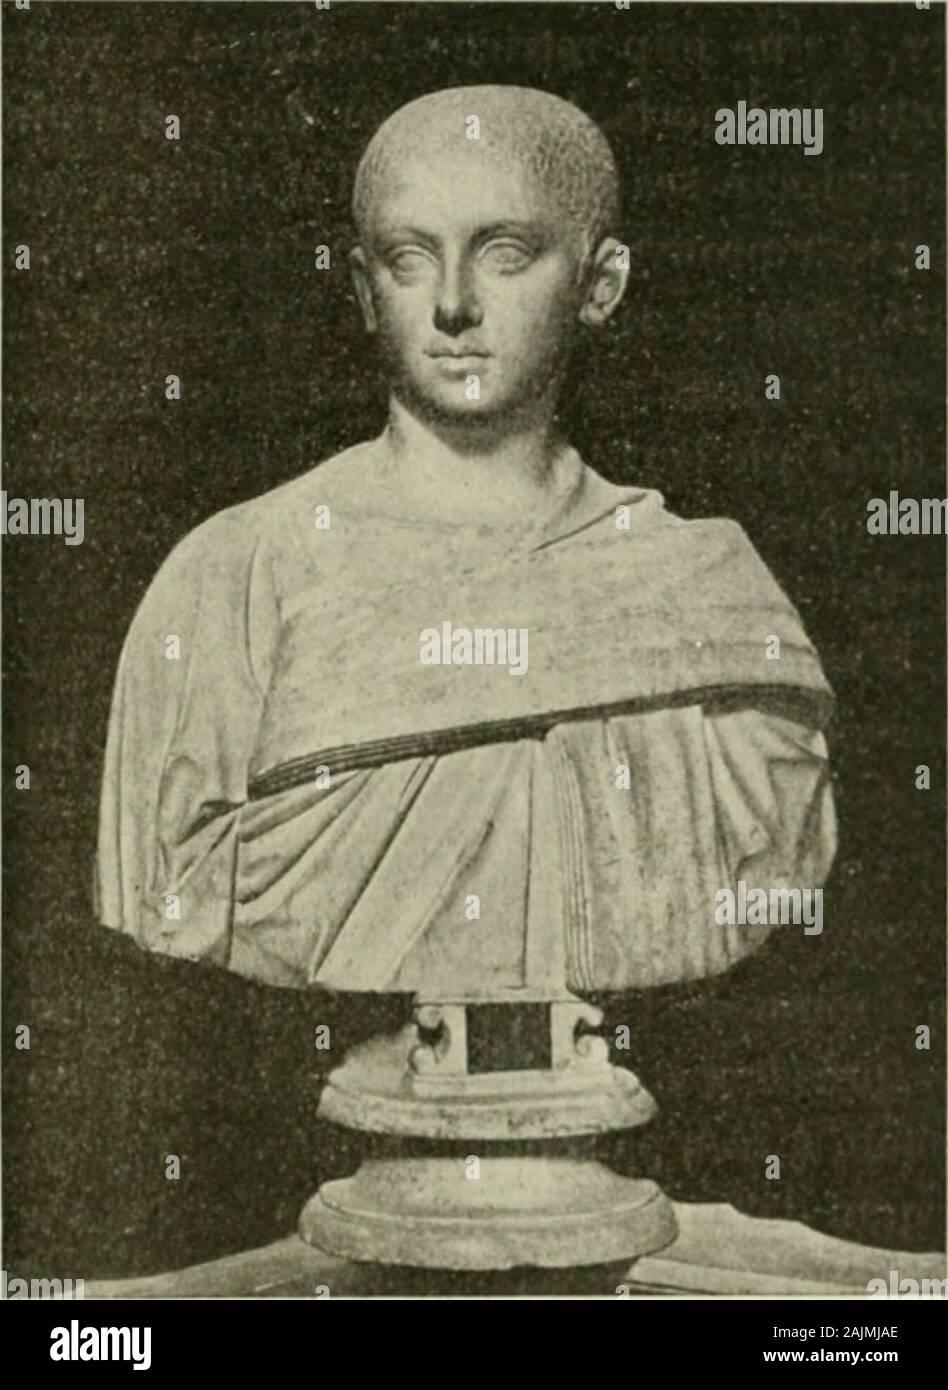 Saint-Pierre de Roma : histoire de la basilique vaticane et du culte du tombeau de Saint Pierre . eillère discrète. R y avait du reste à côté de rempereur, dans son propre palais, unechrétienne fervente, Otacilia Sévéra, sa femme, qui ne faisait mys-tère punto de ses croyances religieuses. Par Instruite colgante Origène hijo séjouren Orient, cette patricienne romaine ne séloigna quavec peine de la chairede lillustre maître. Même à Roma, elle voulut bénéficier de hijo ensei- de S. Bahyla conl. Jul. (Pitlrol. ijrec. i., retorno de la inversión (ROI). 529.)- De Vii-es m. c. i.iv. Lc 560 gnement CULTE et recevoir ses conseils Foto de stock